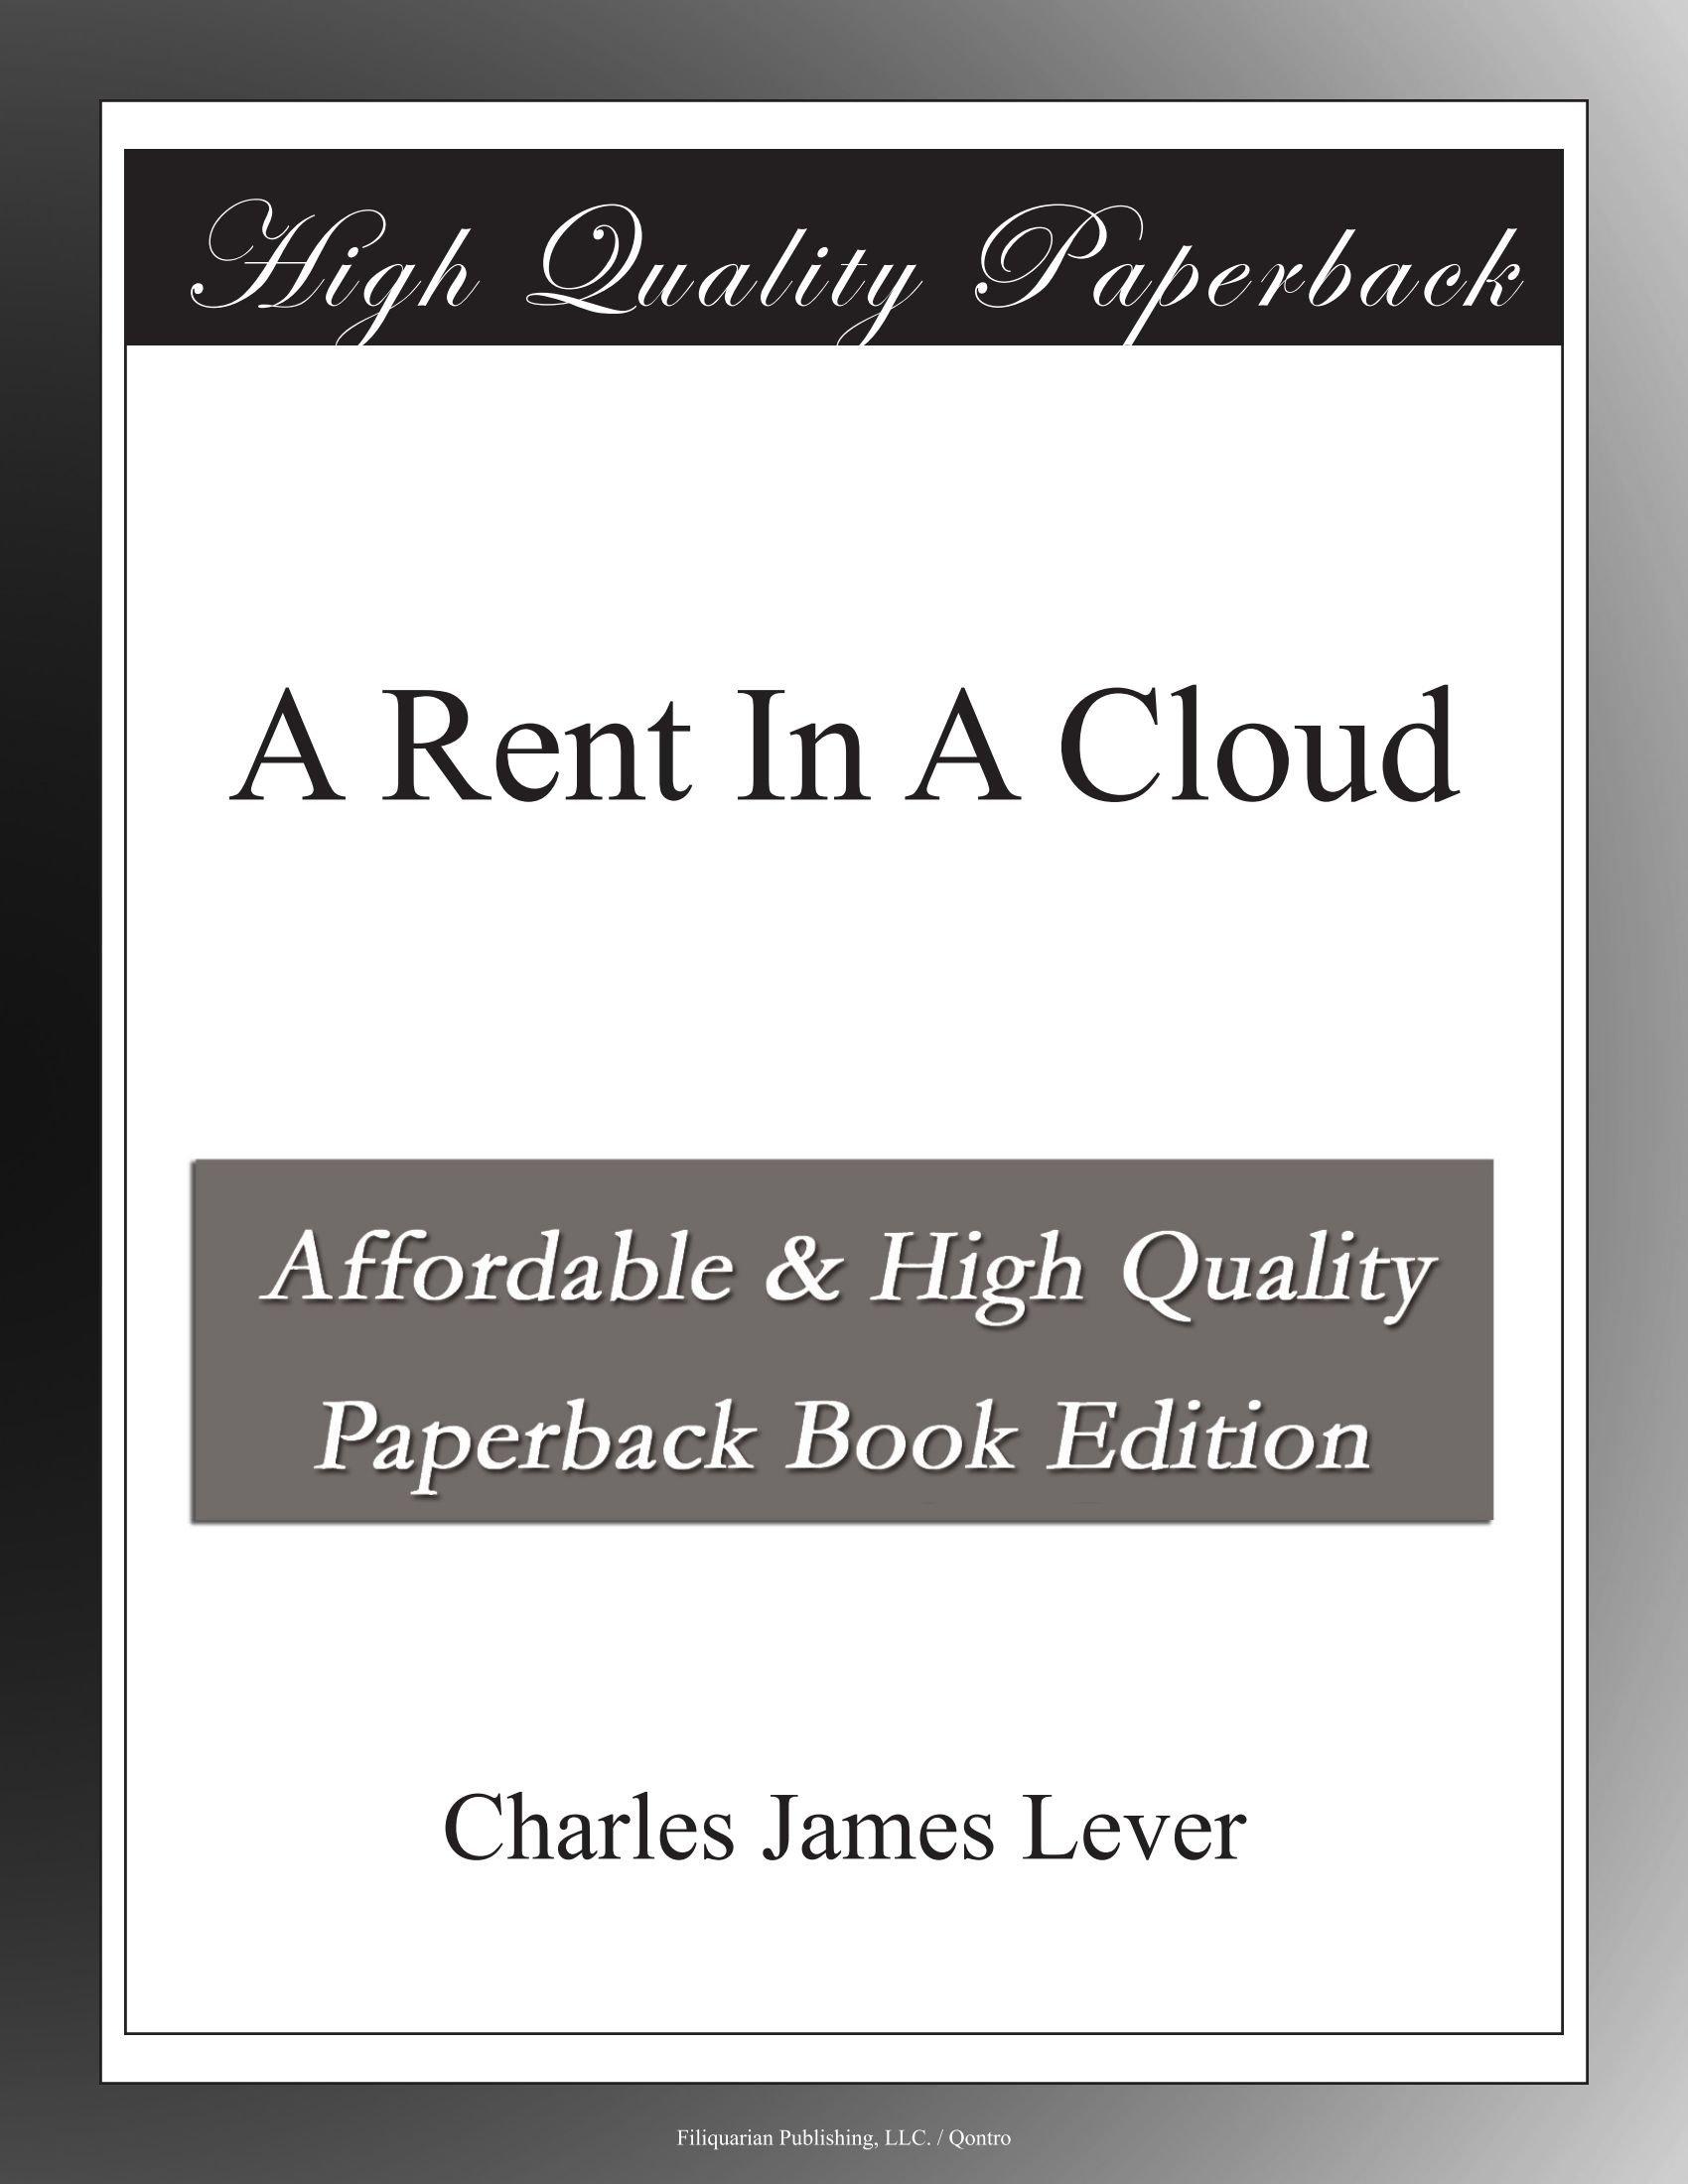 A Rent In A Cloud ebook